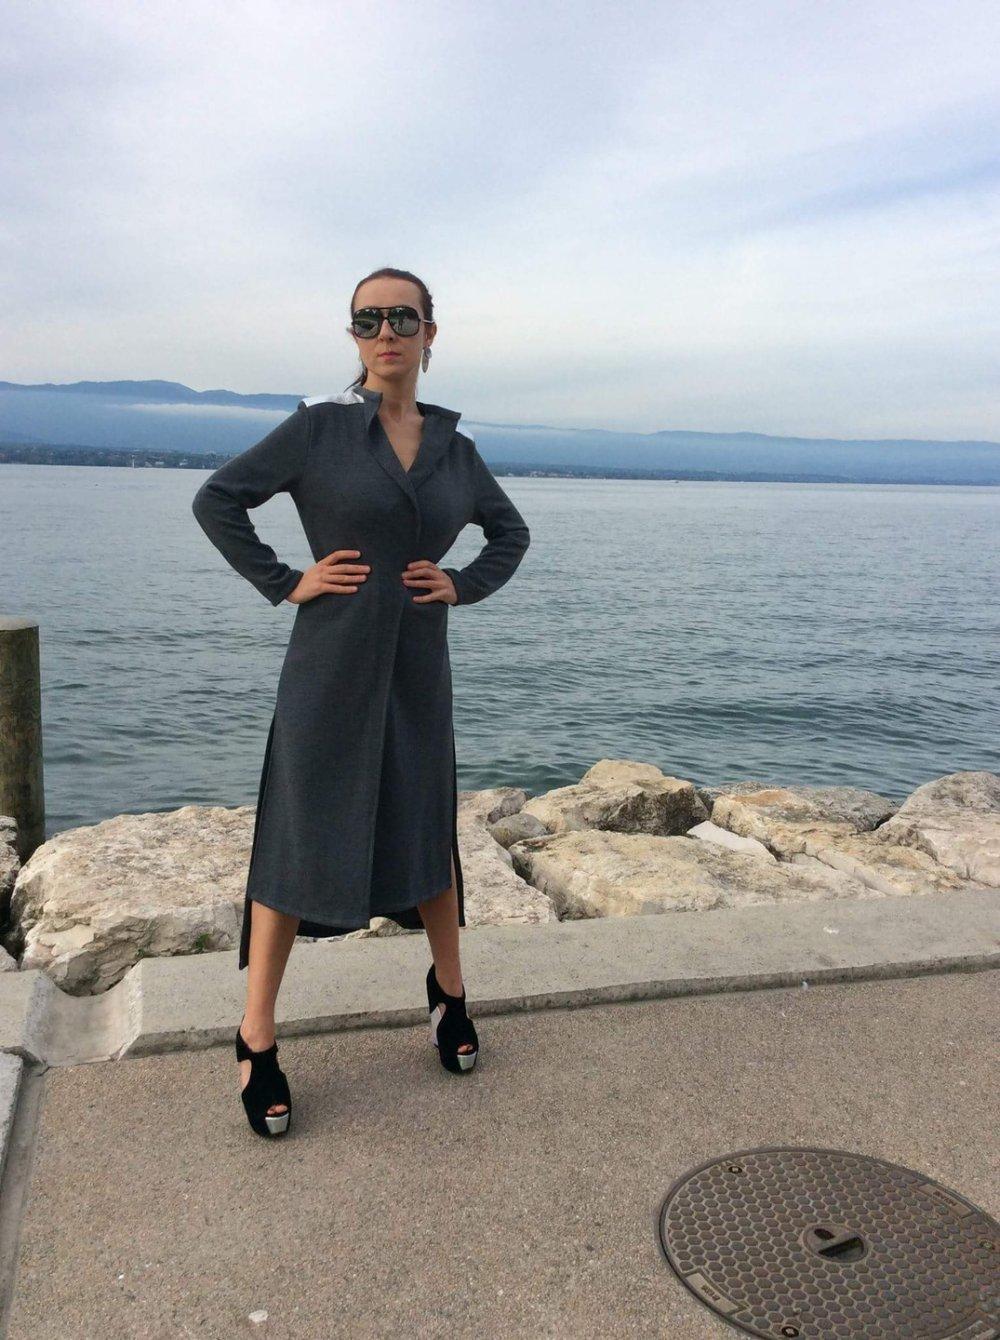 Gilet long futuriste en coton melange avec des empiècements en jersey argenté